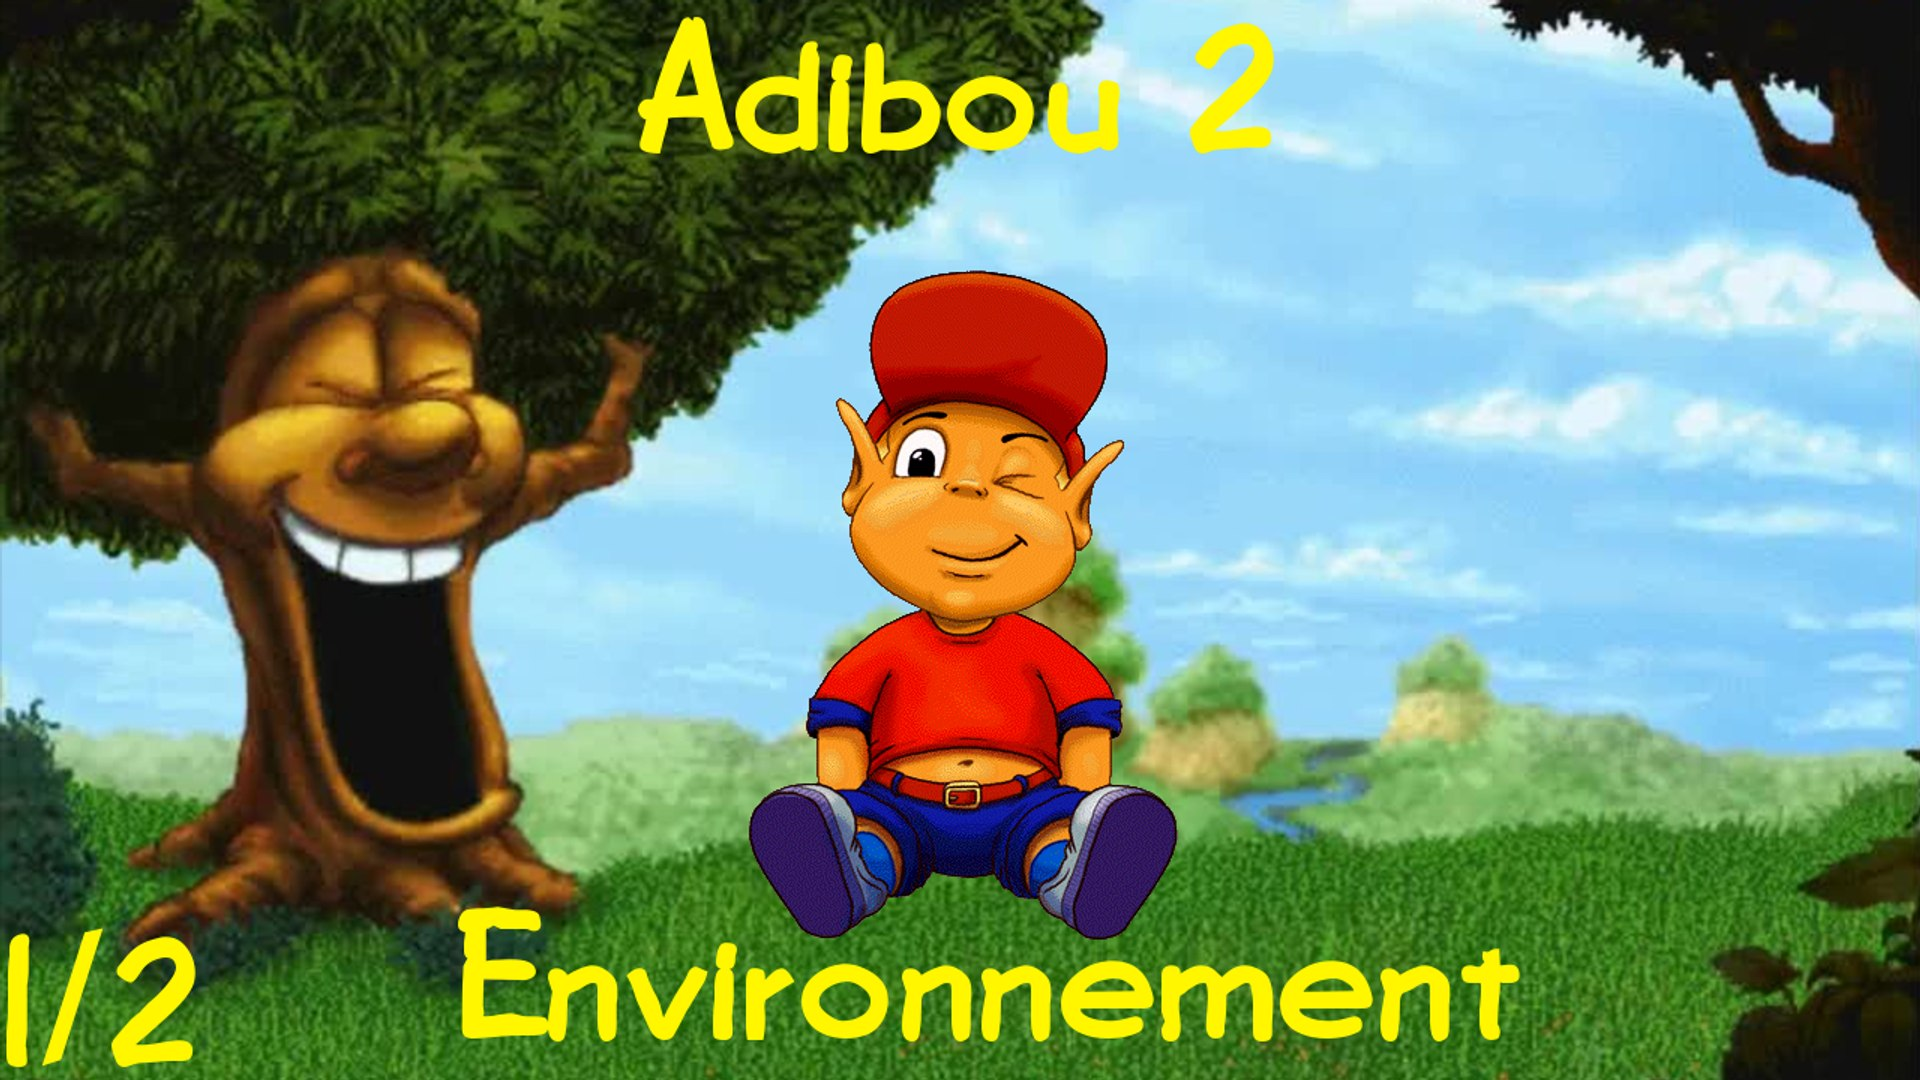 ADIBOU ENVIRONNEMENT TÉLÉCHARGER 2